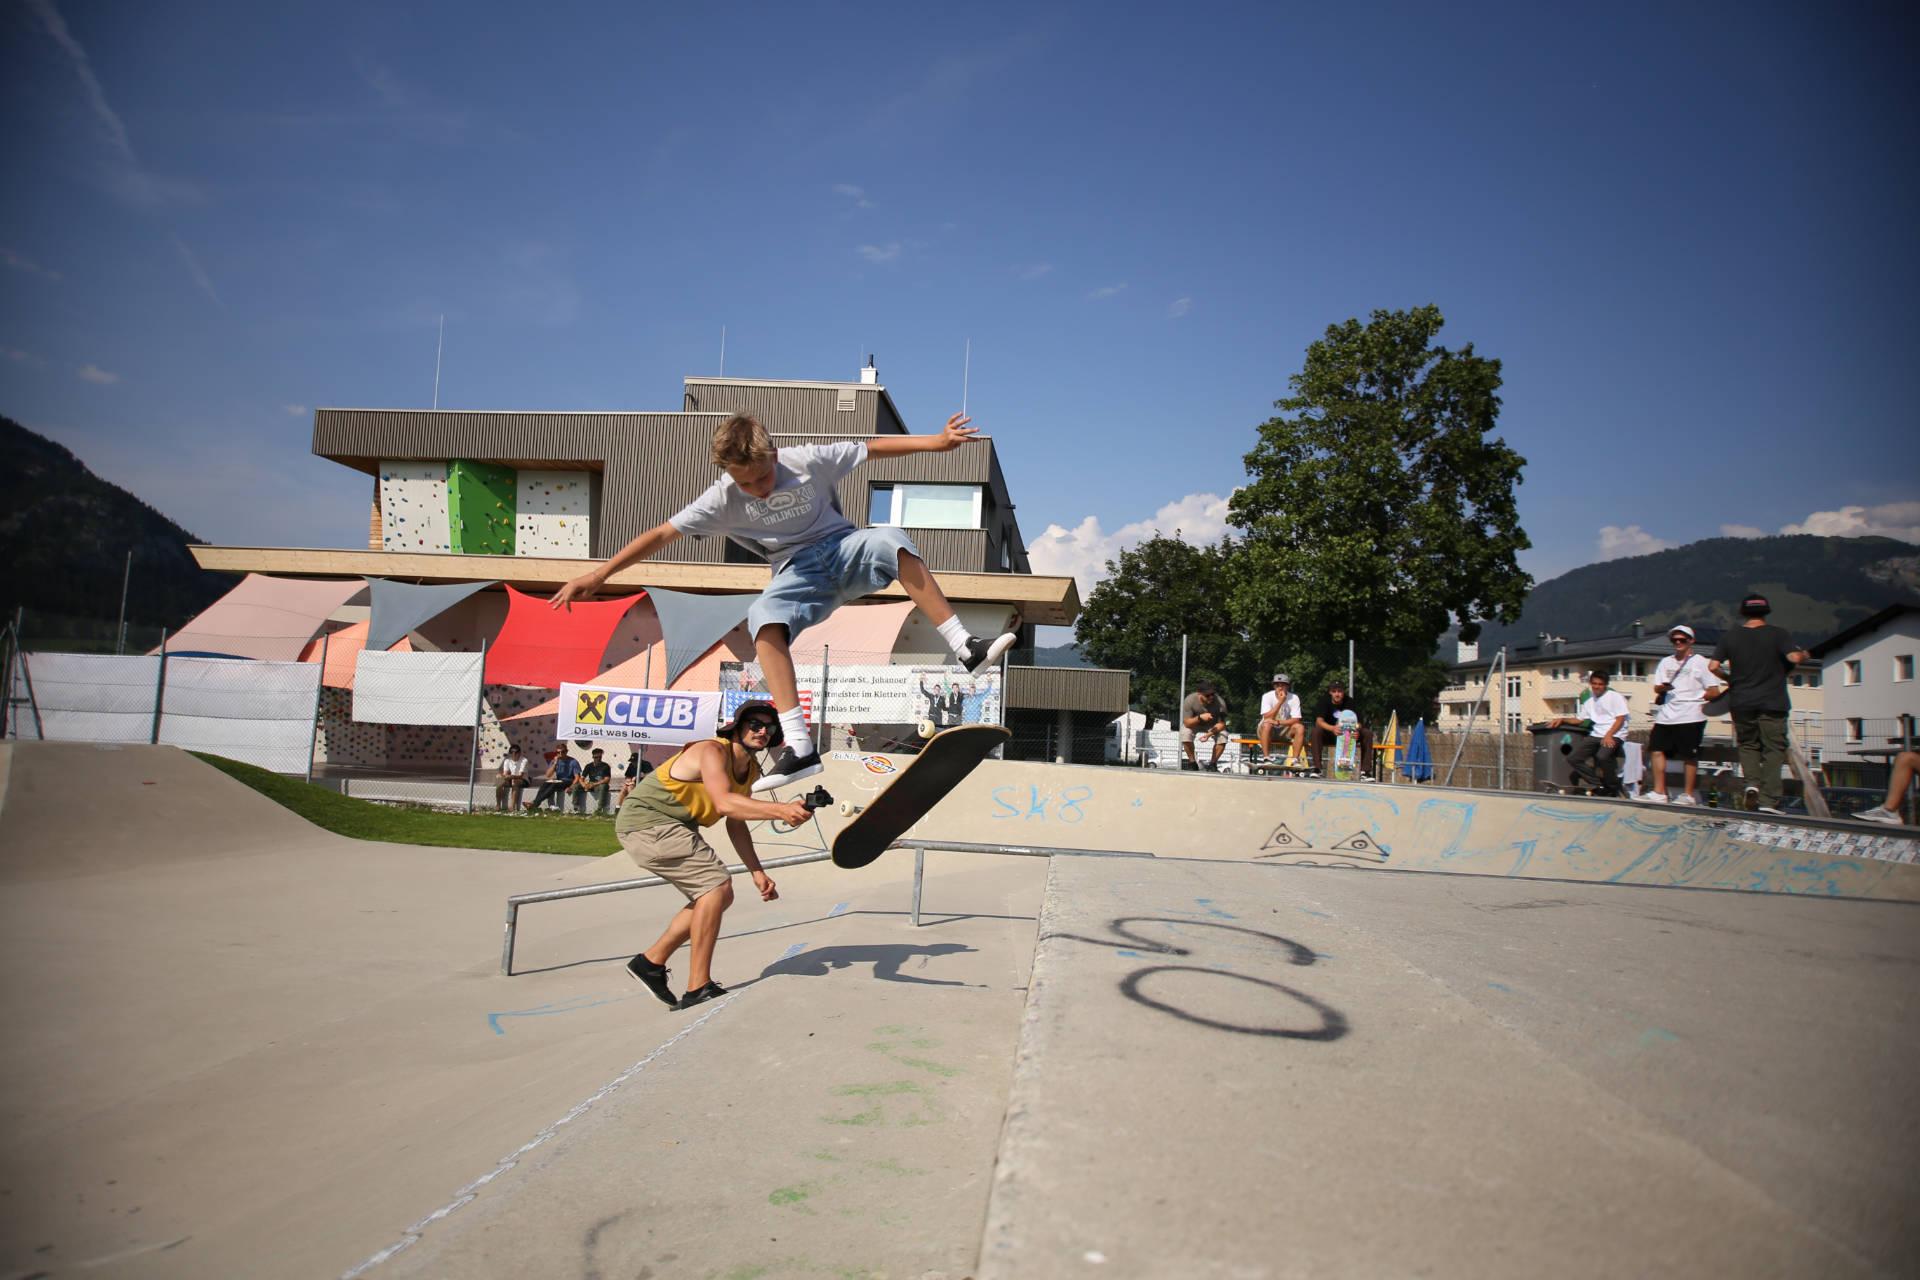 skateboardheadz st johann in tirol kgt 2019 finale 00151